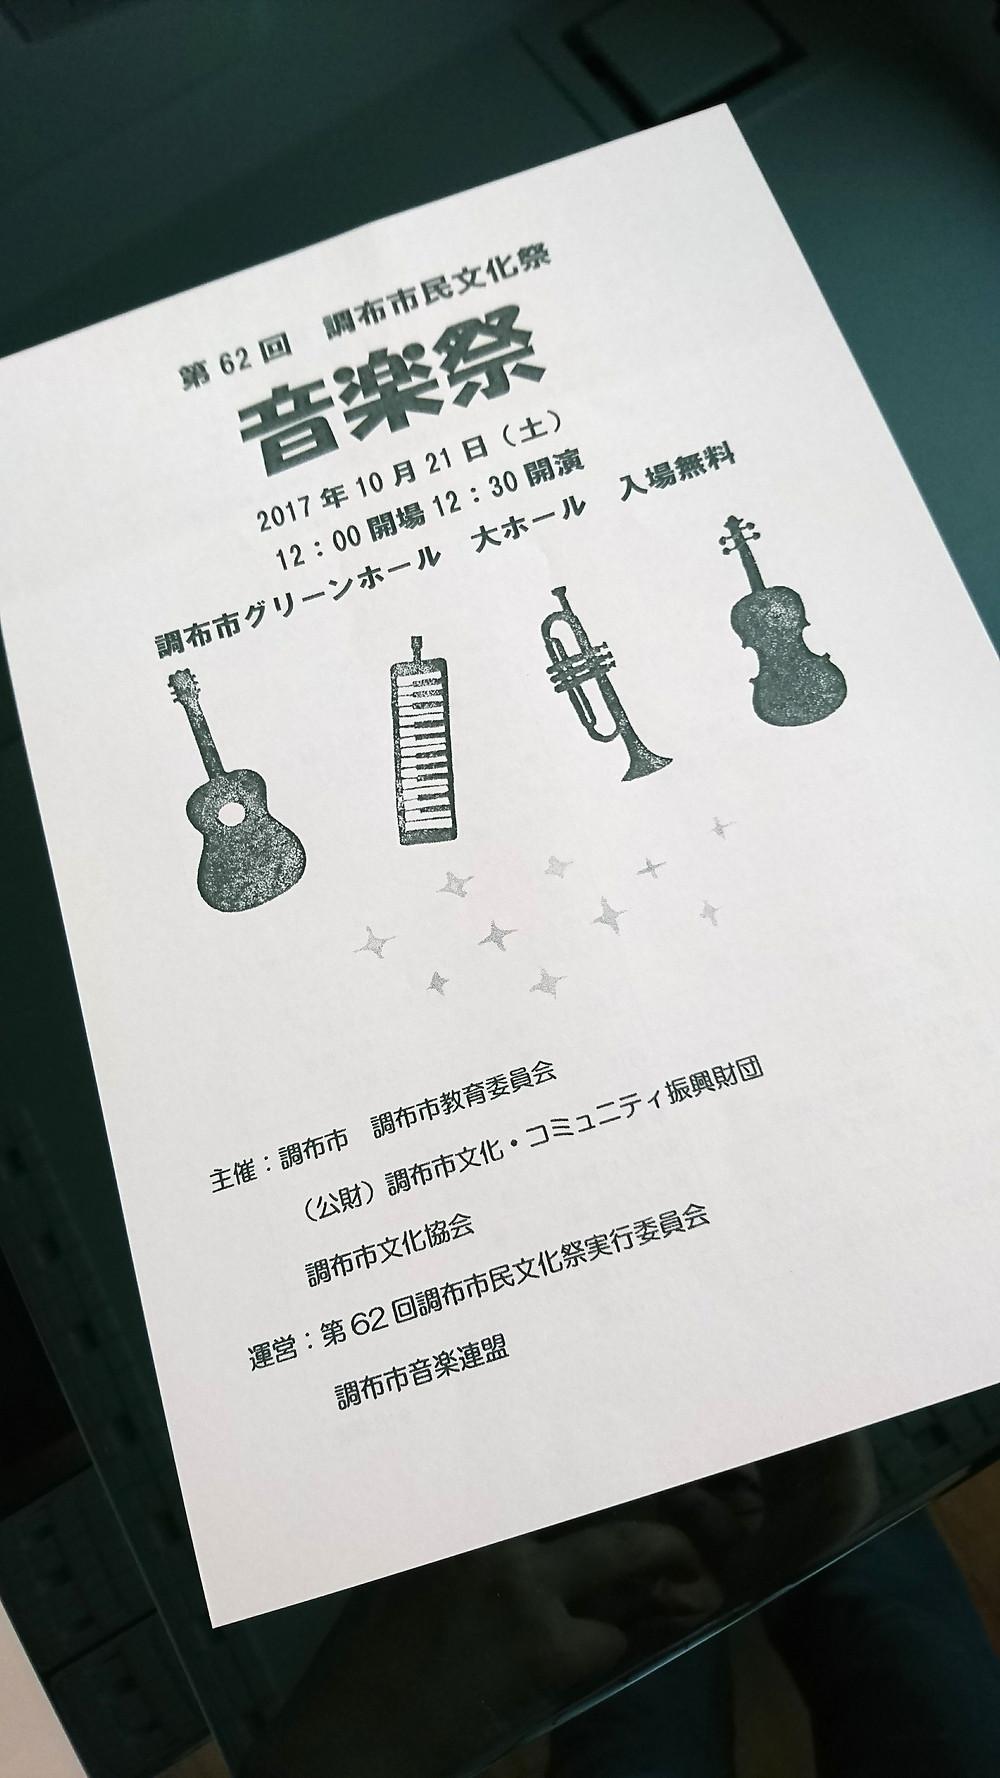 調布市民文化祭 音楽祭